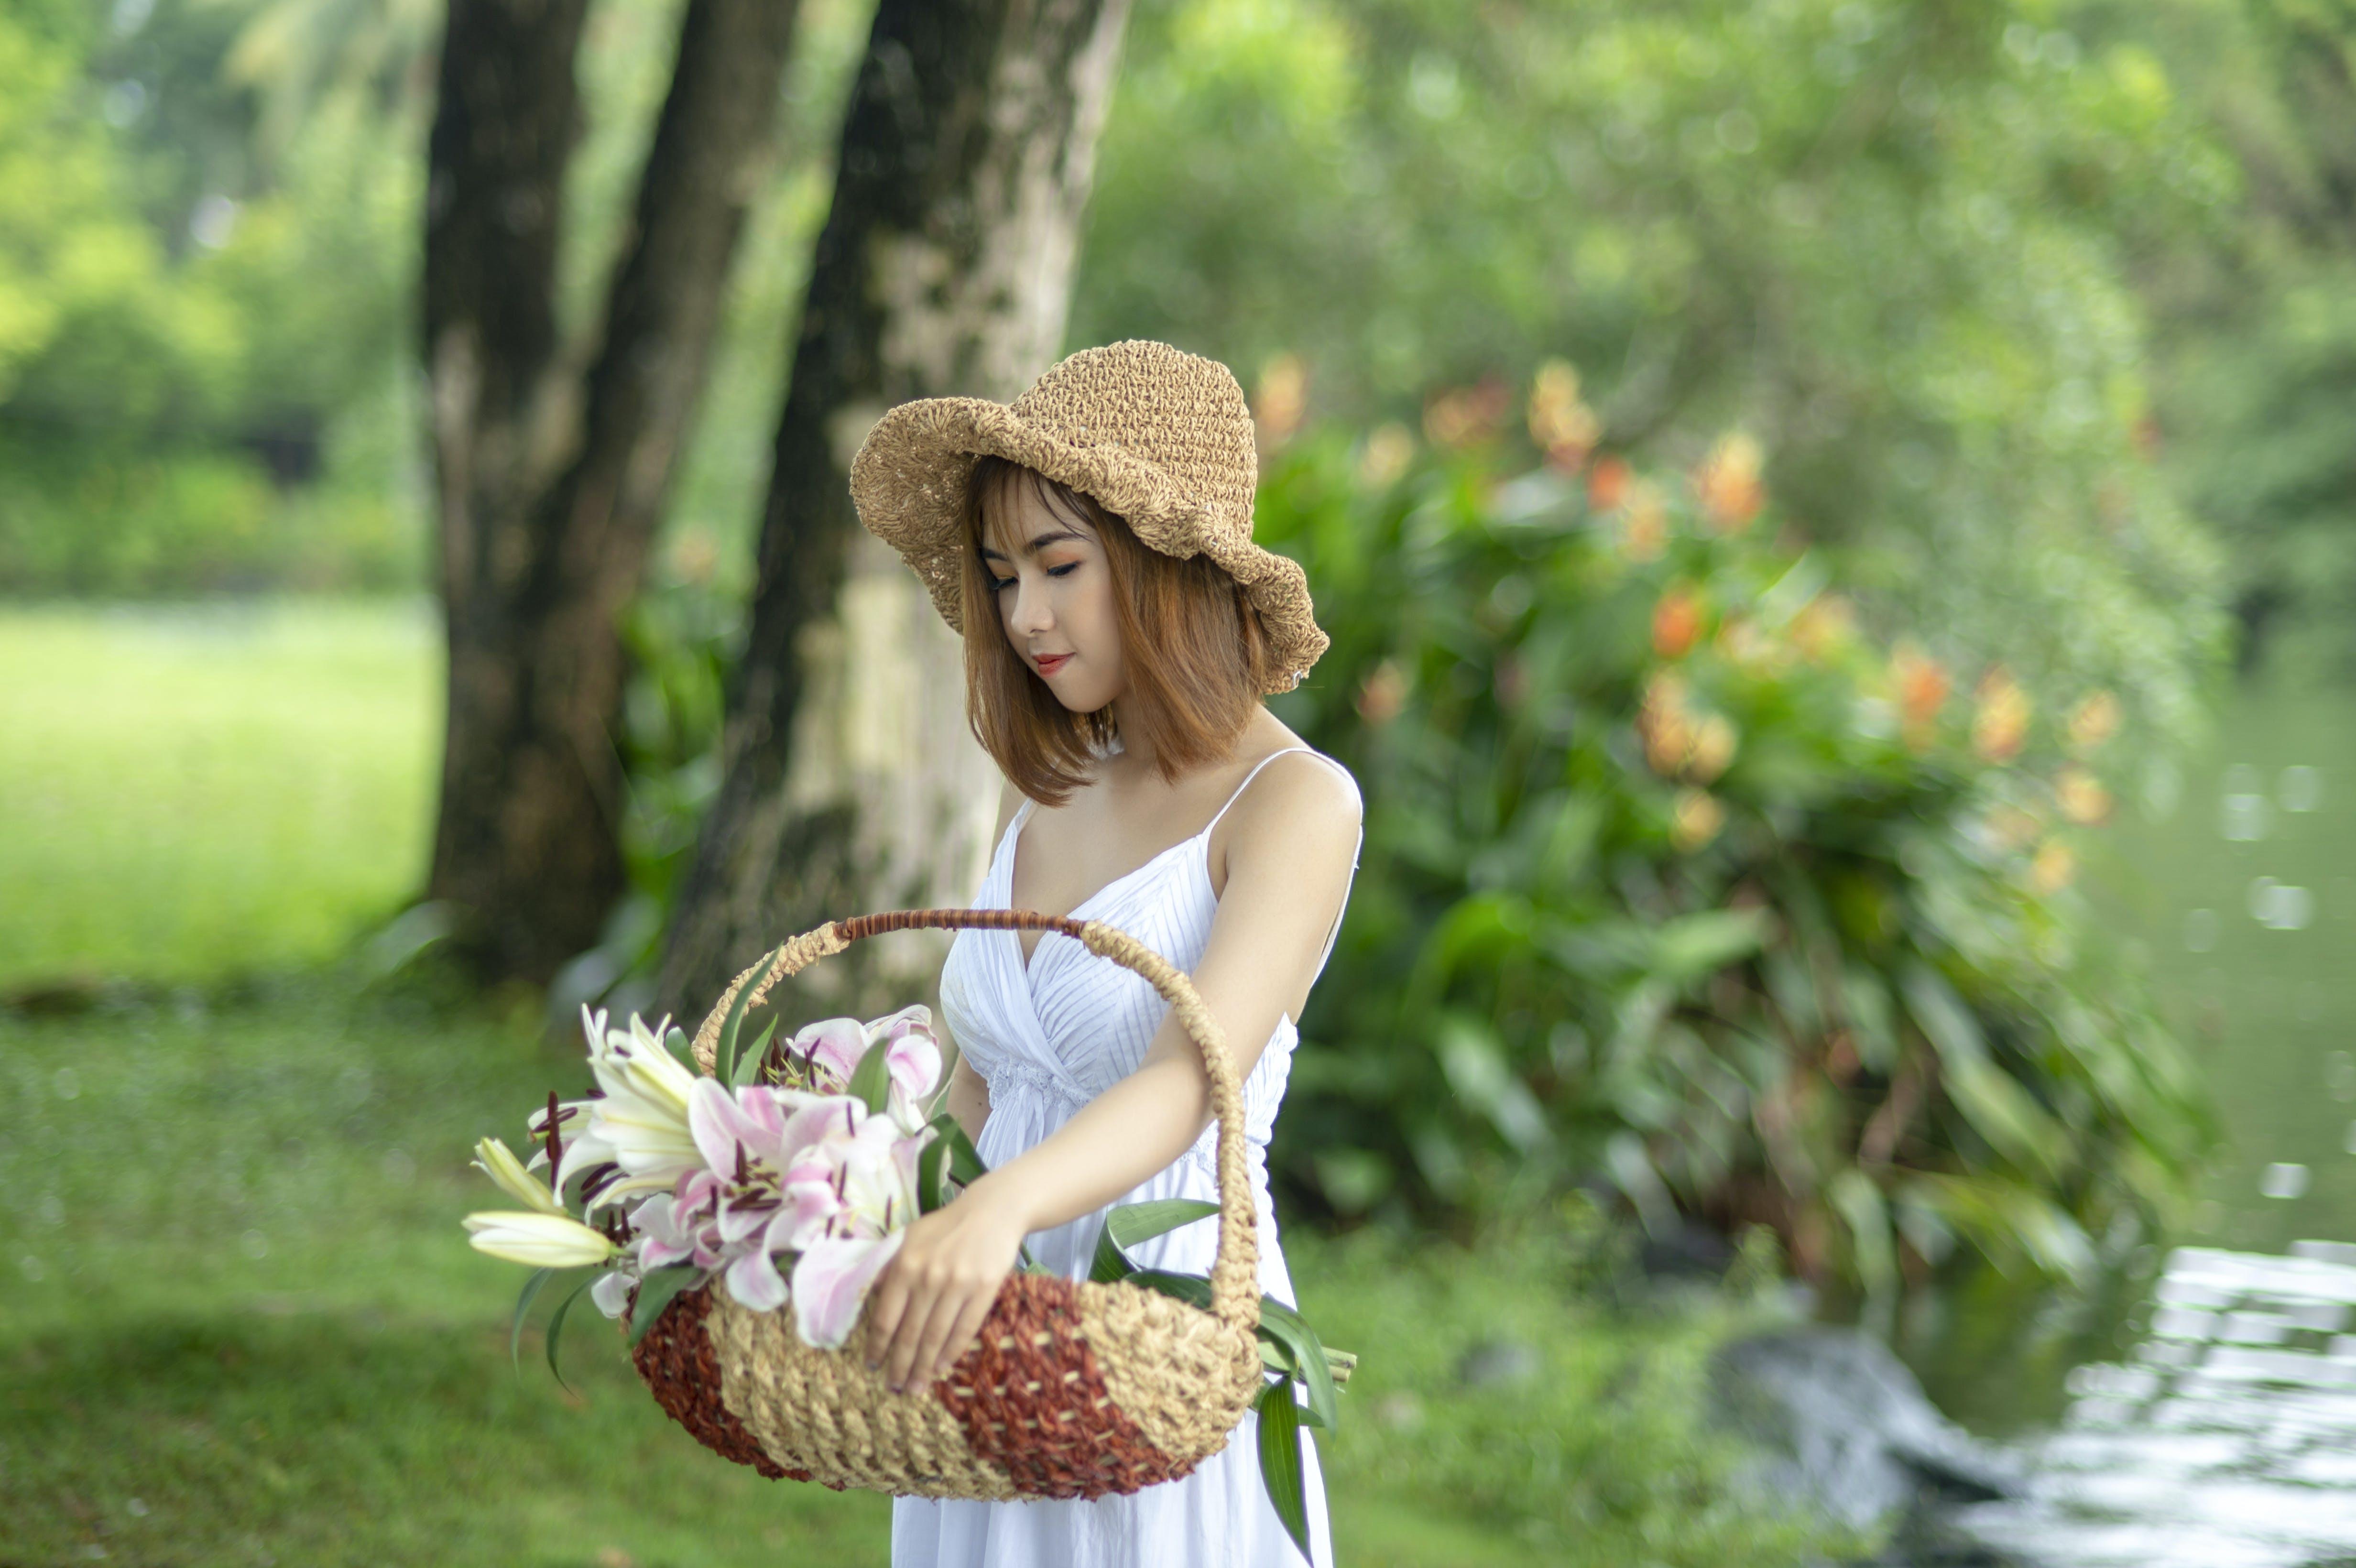 Kostenloses Stock Foto zu asiatin, asiatische frau, bäume, blumen